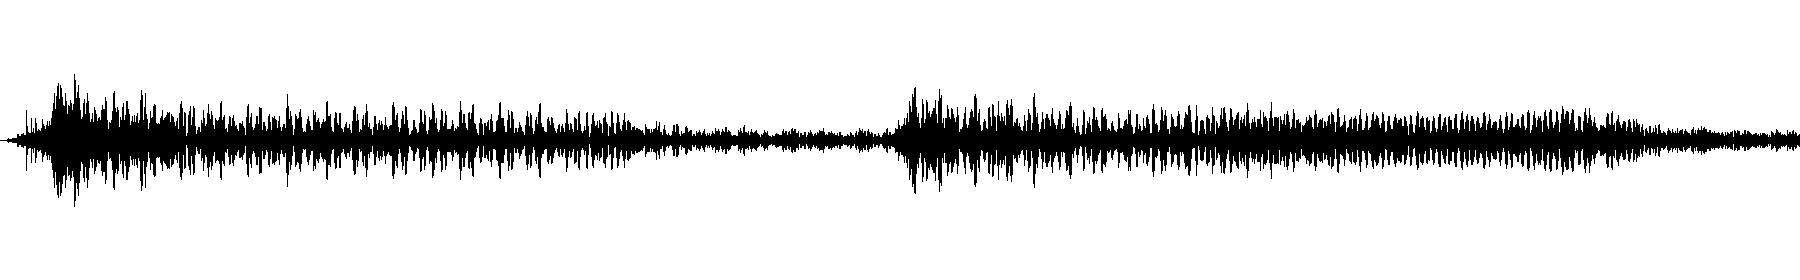 guitar loop